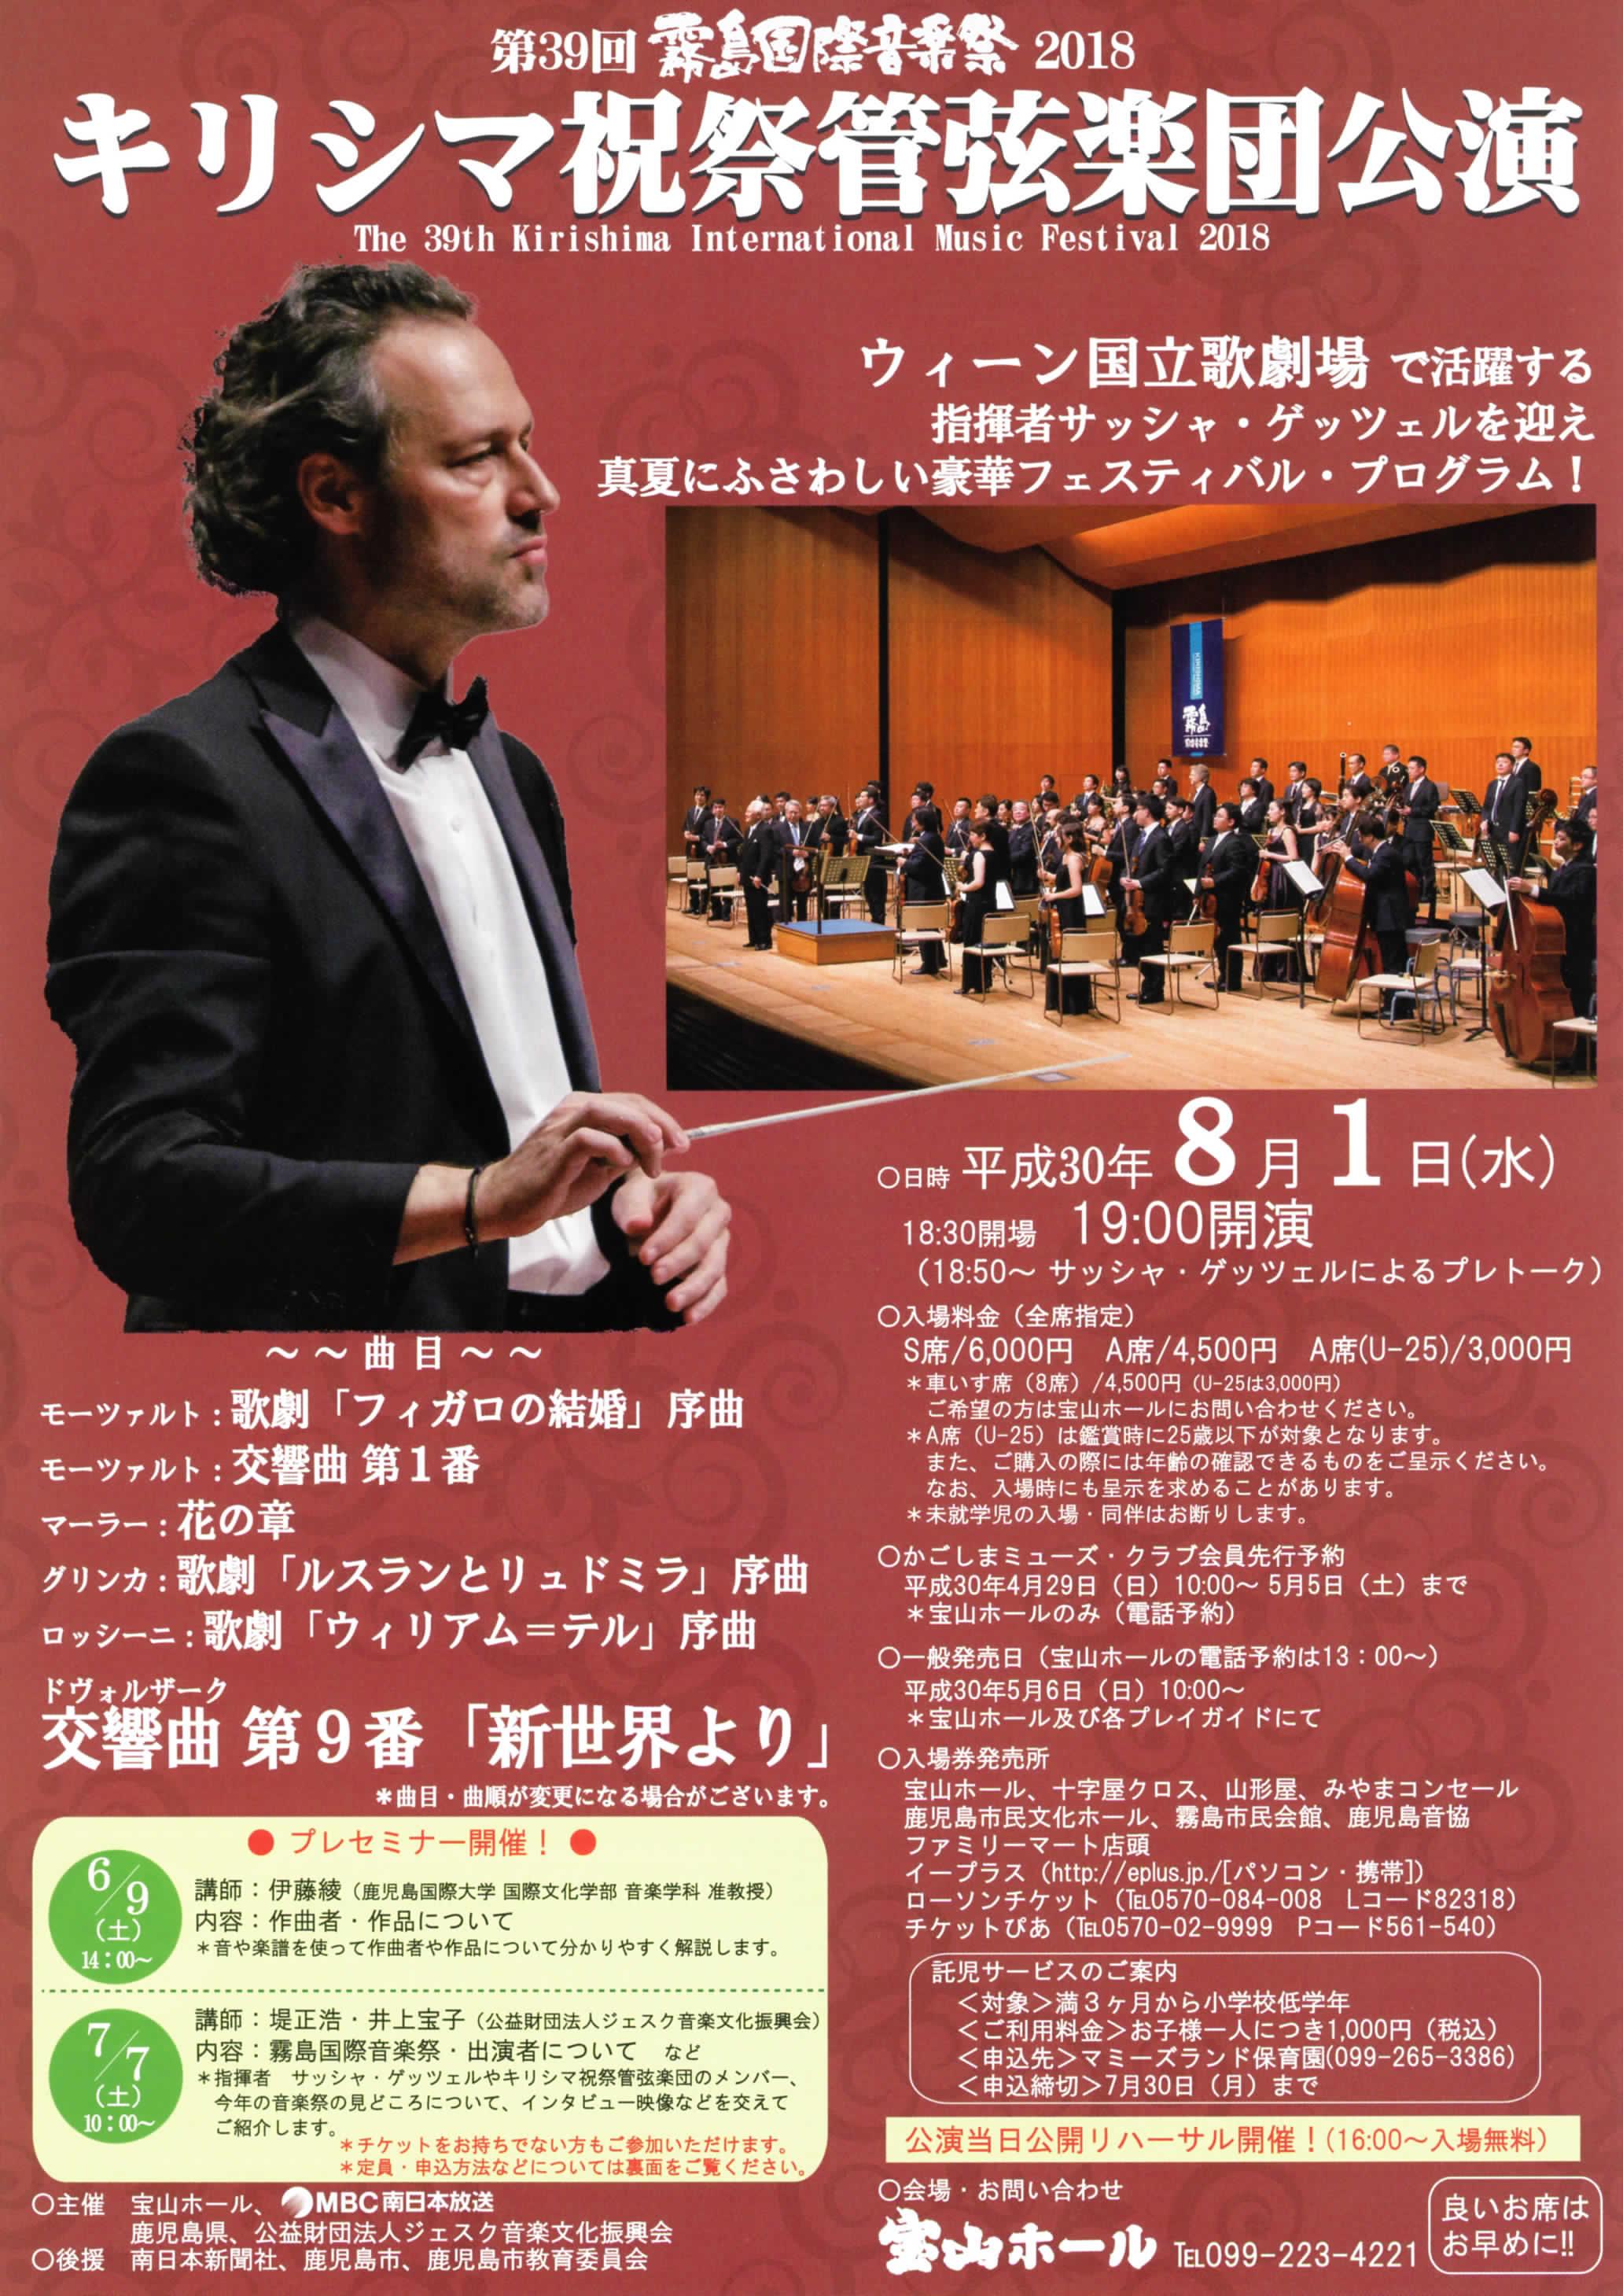 第39回霧島国際音楽祭 キリシマ祝祭管弦楽団公演 2018.08.01